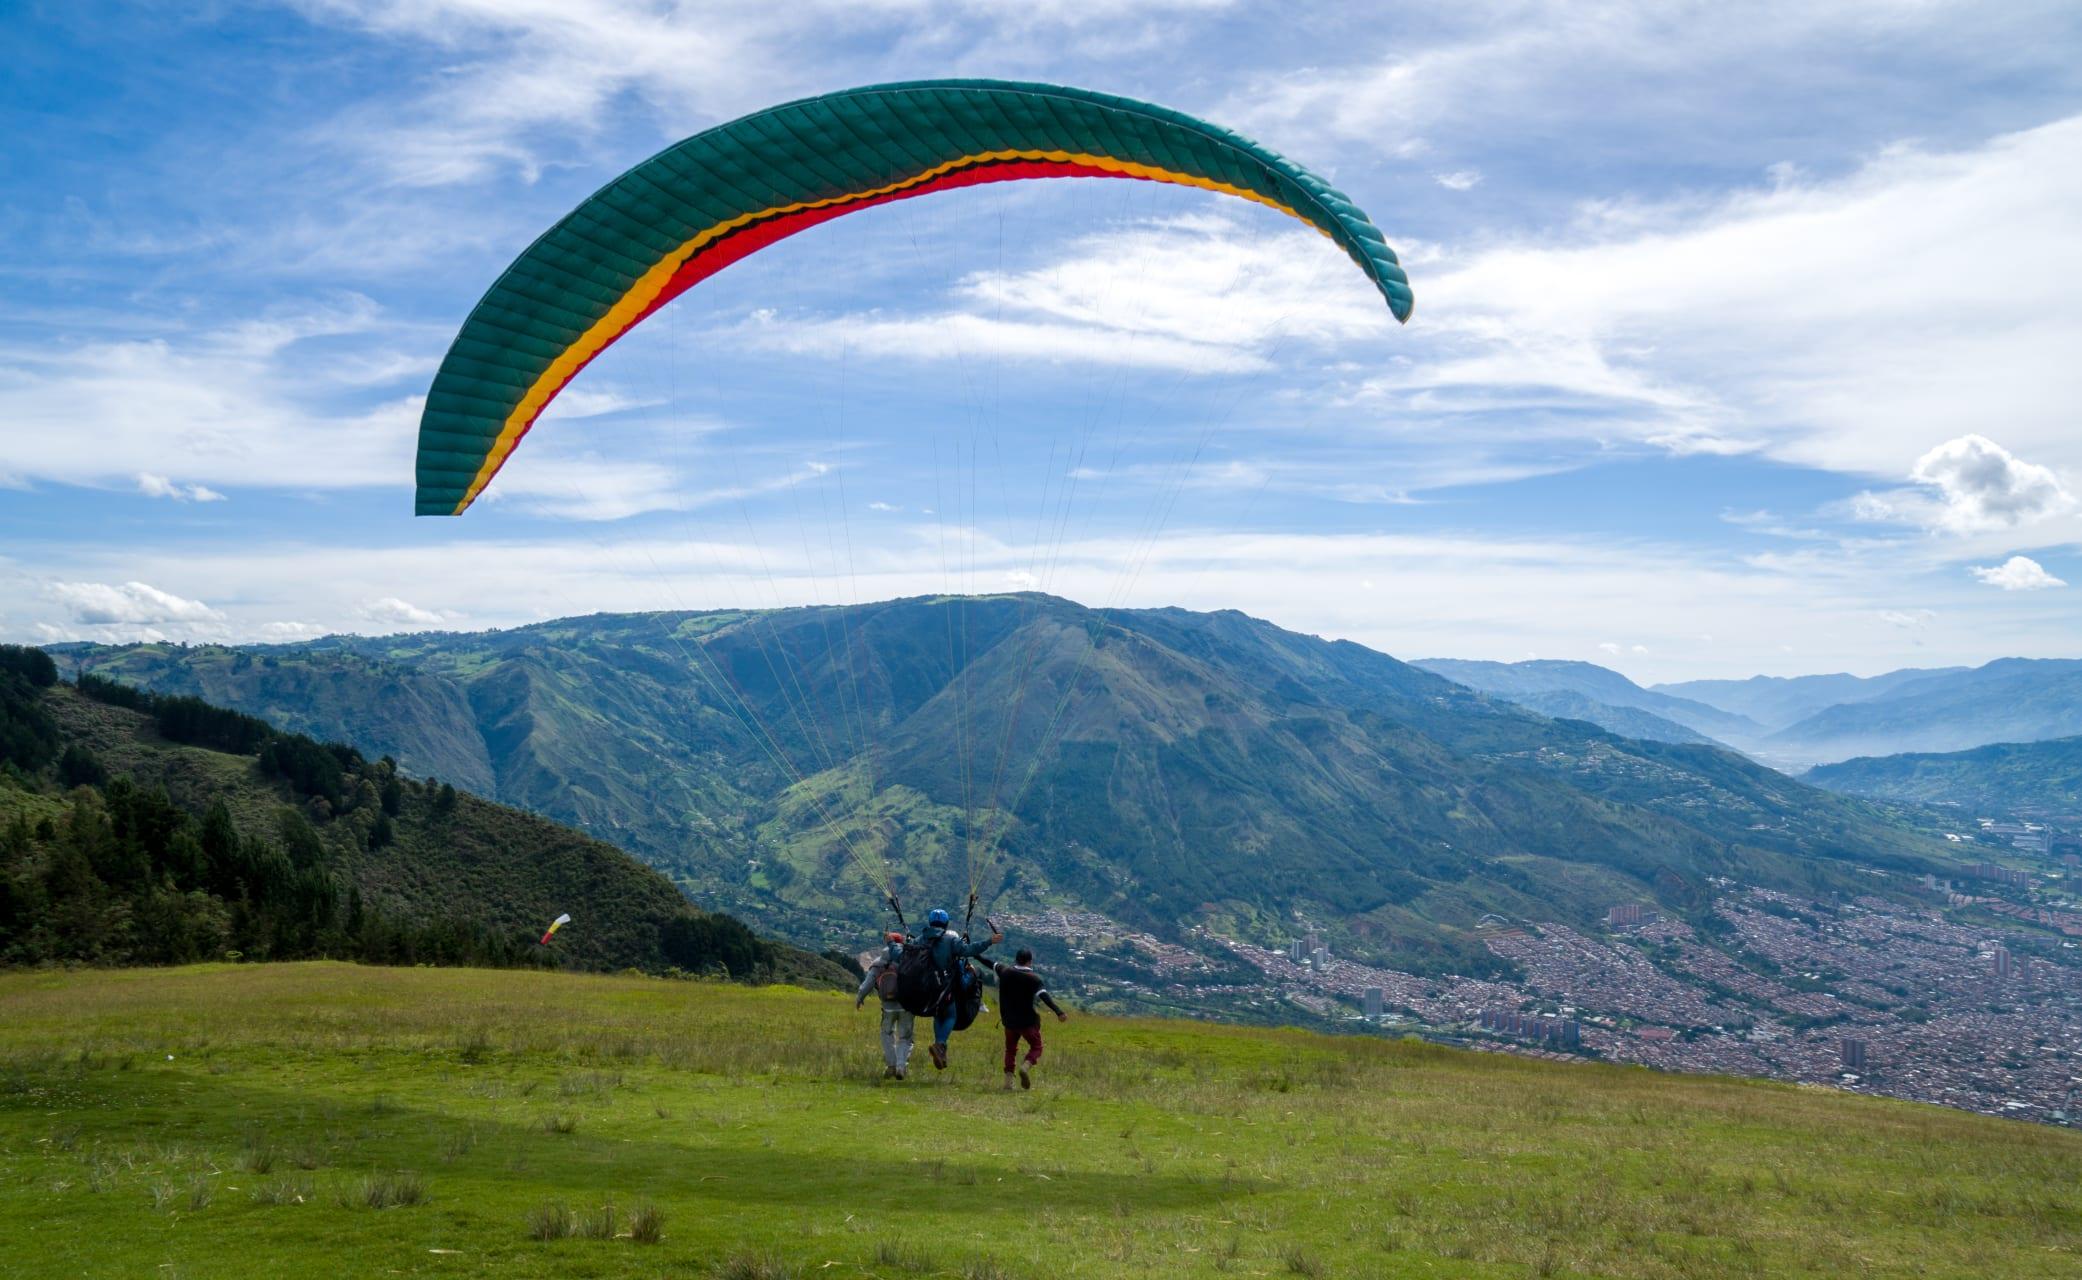 Medellín - Paragliding Over Medellín